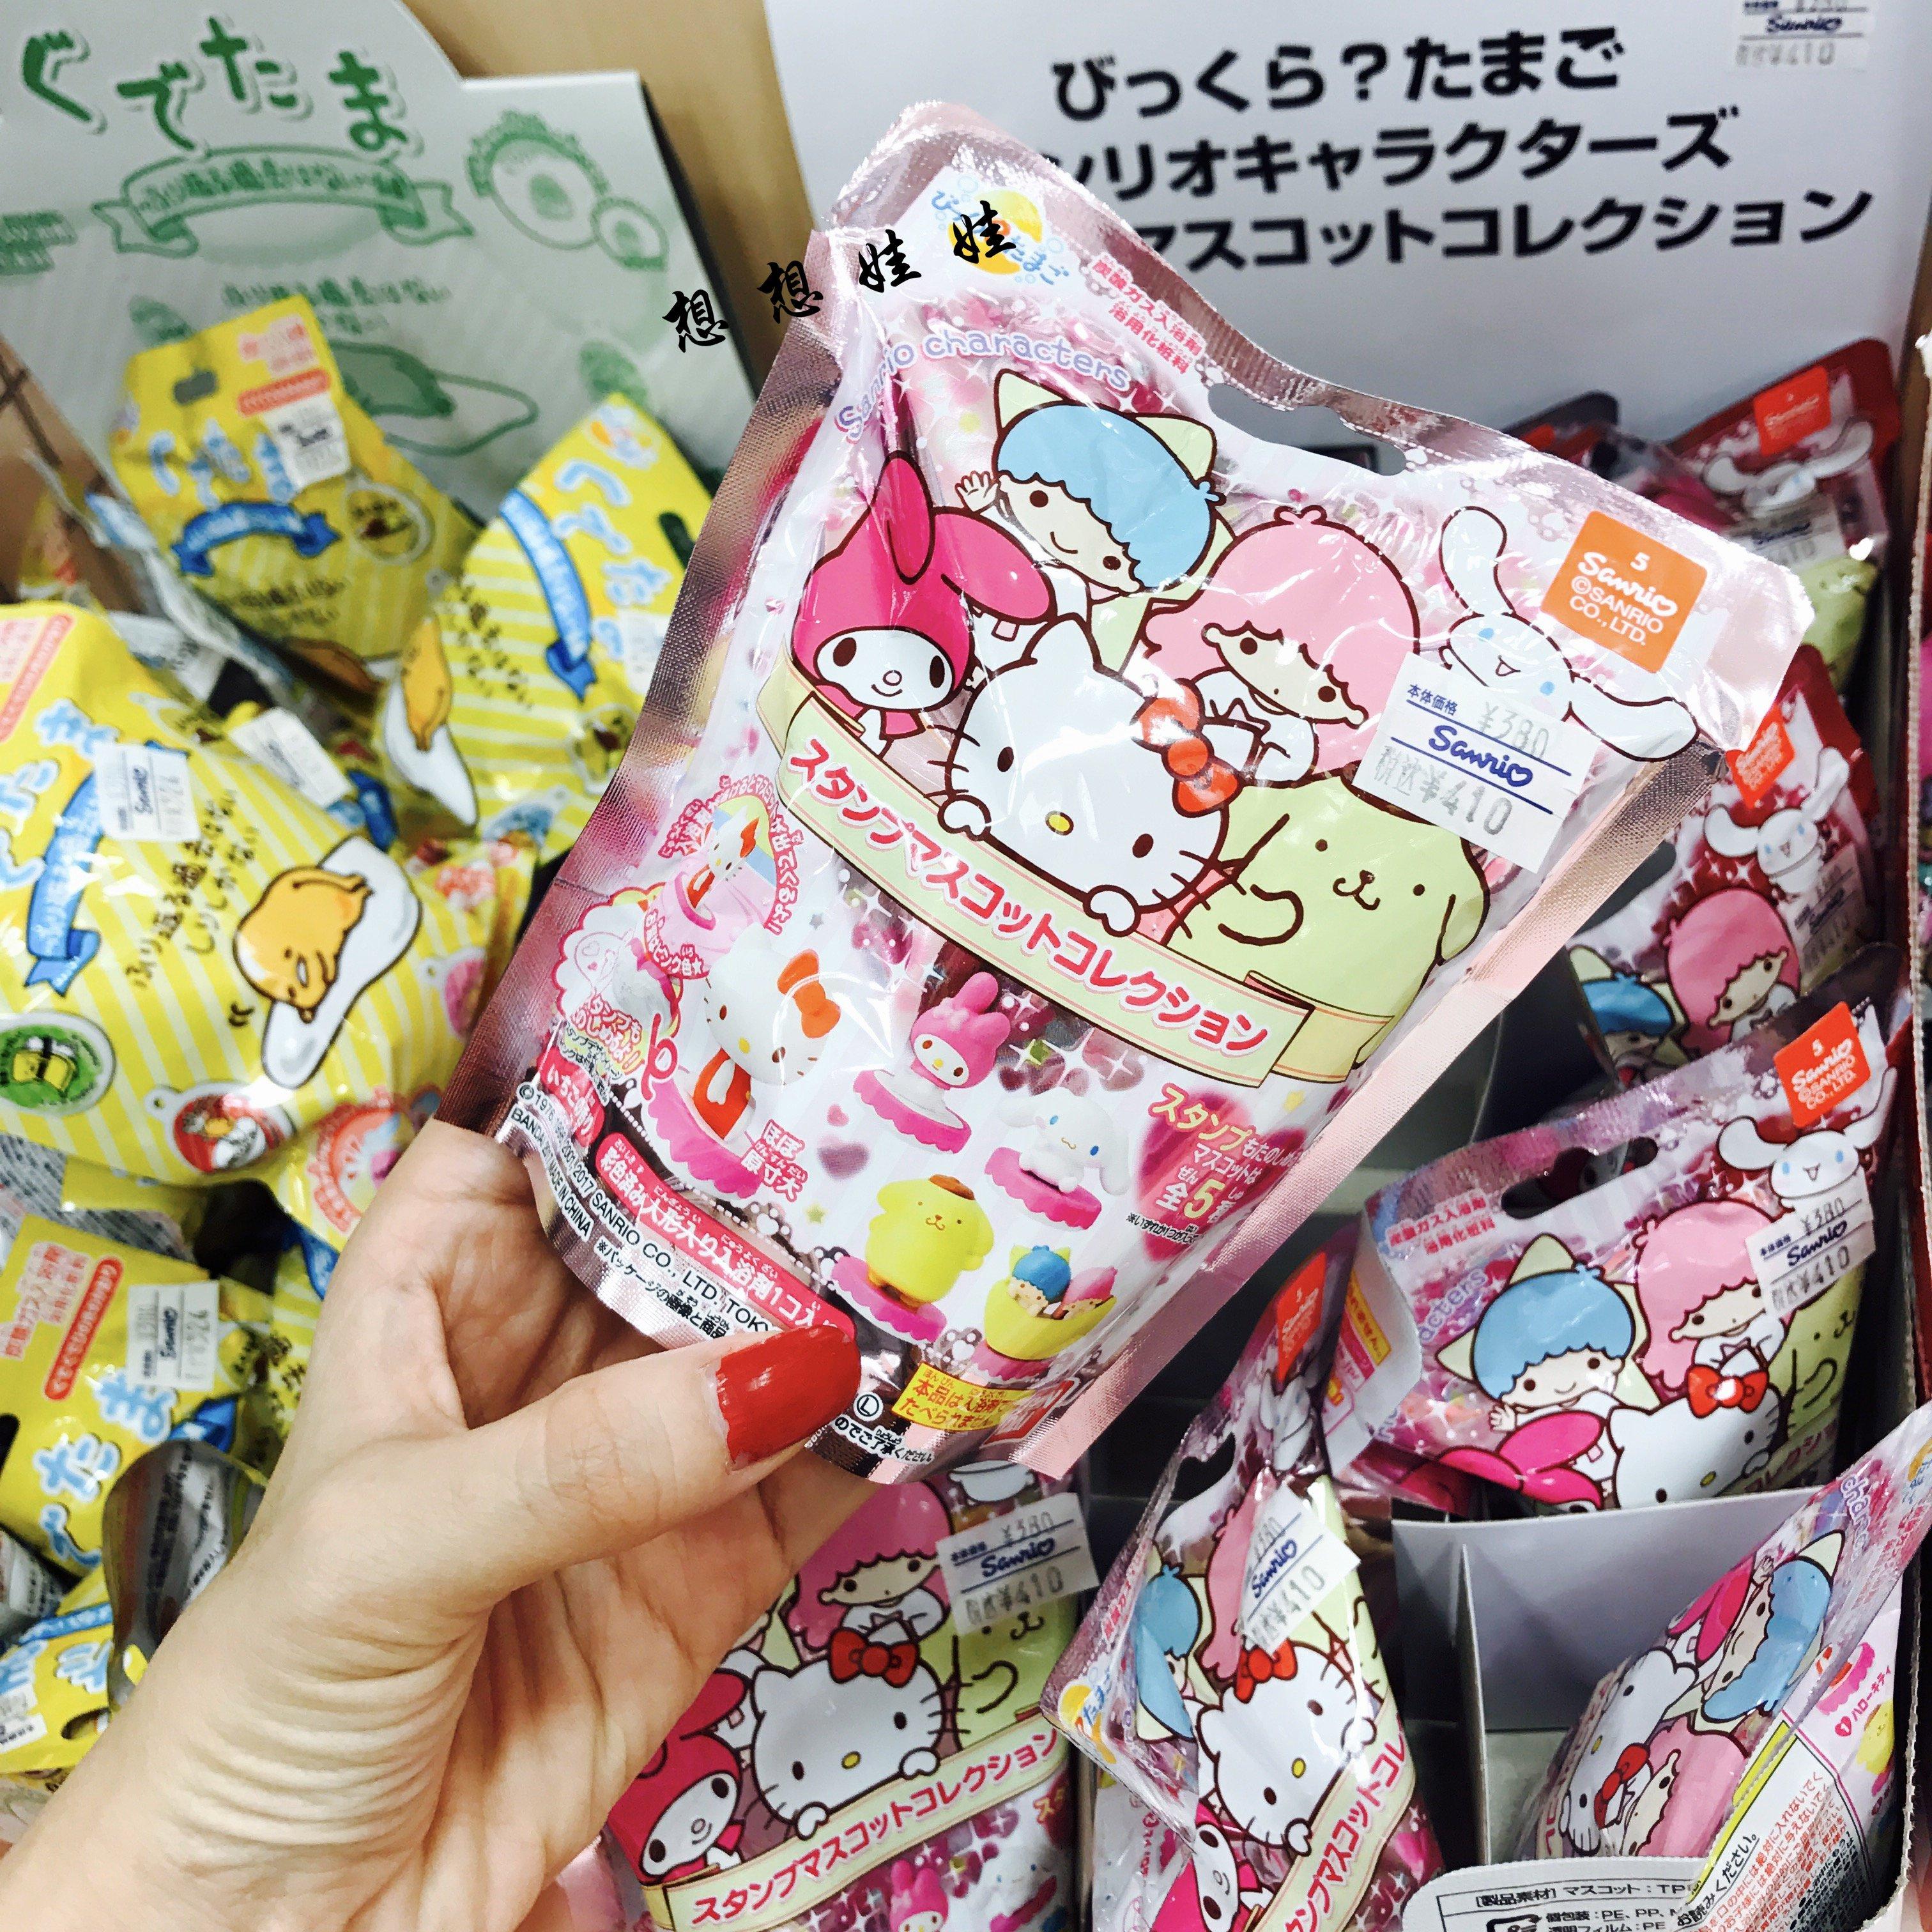 大莊姐姐 sanrio三麗鷗限定大家族會出印章玩具的保濕浴鹽 浴球 草莓香